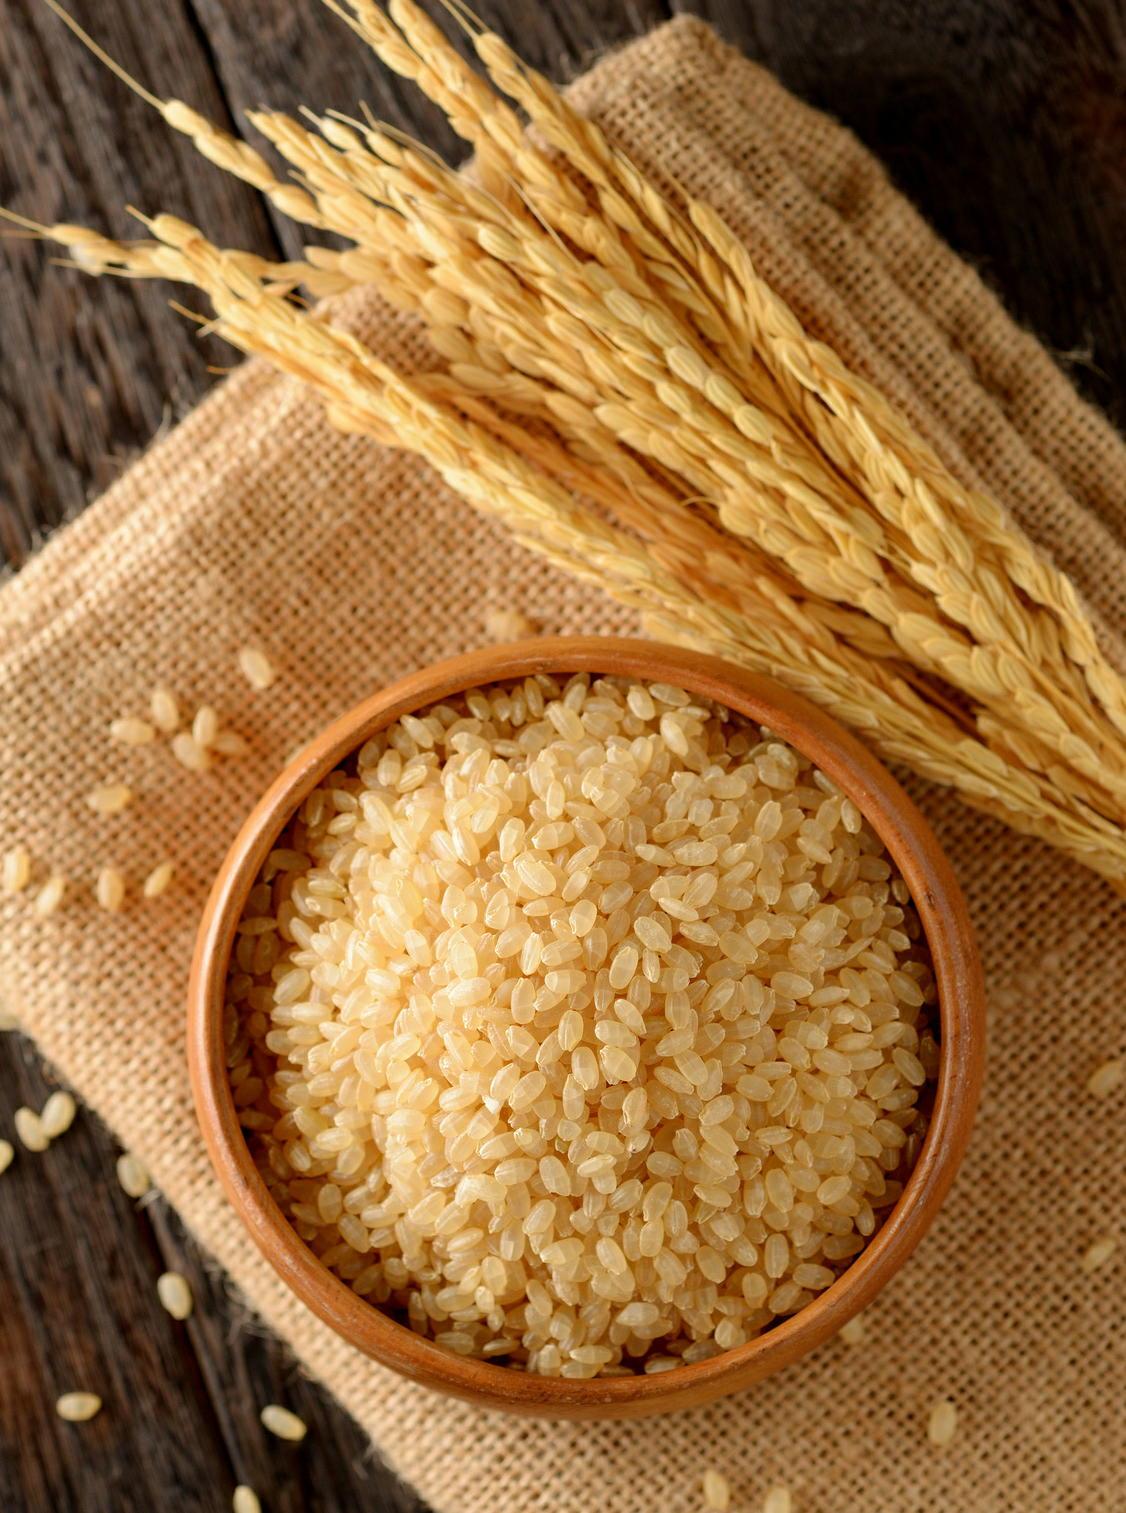 新しい「発芽玄米」で脳内「BDNF」が増える 脳卒中や認知症などを予防 国立循環器病研究センター